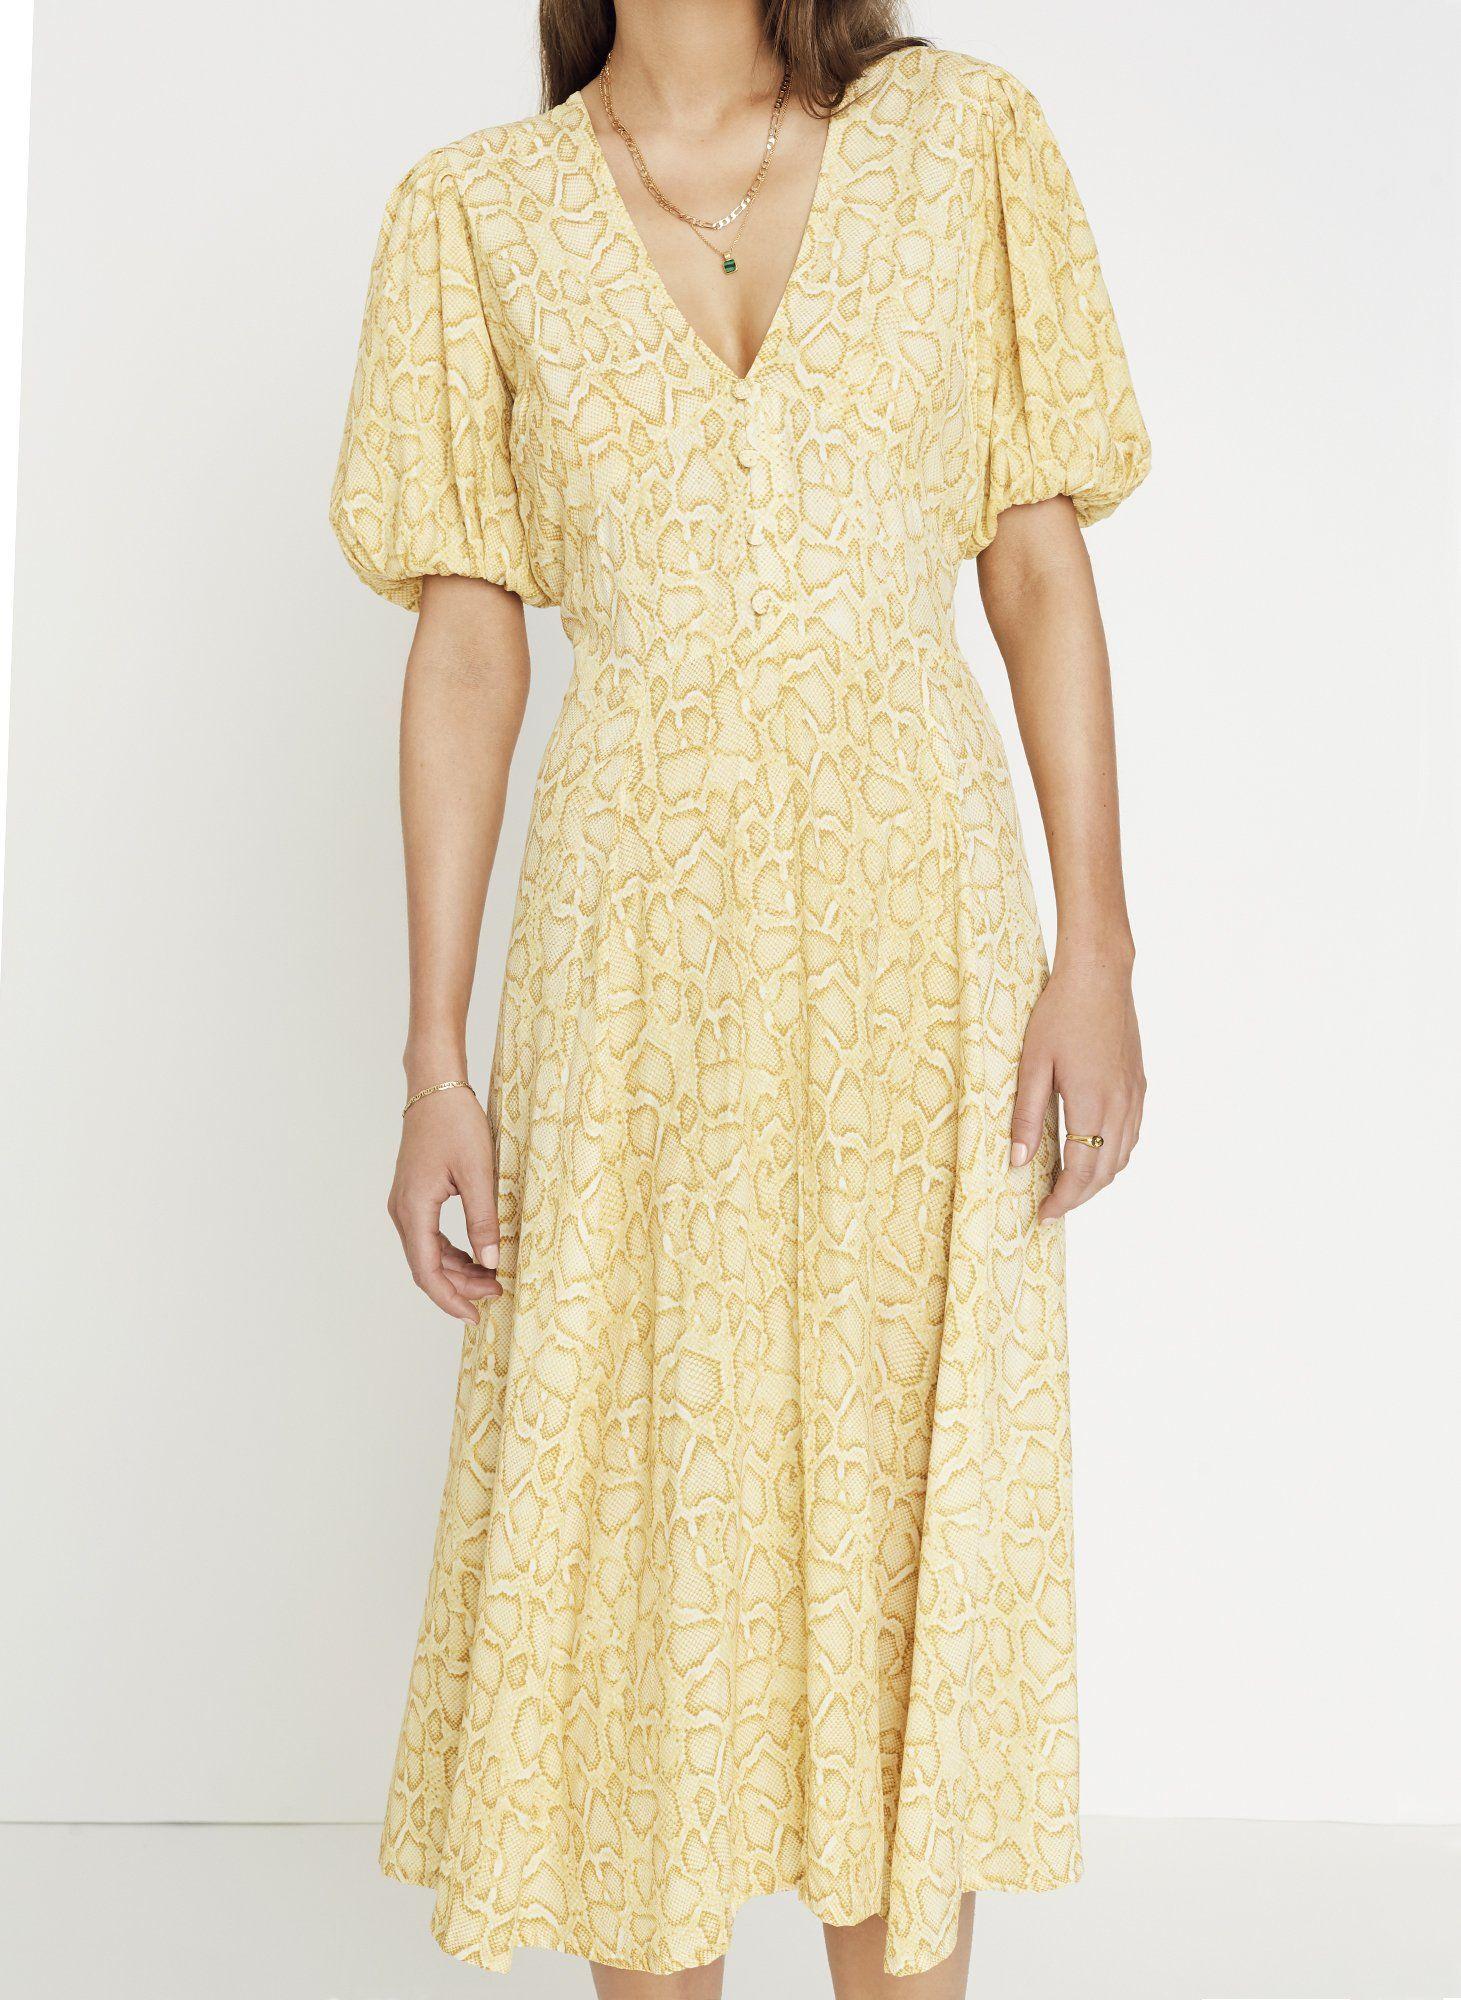 Petra Snake Natural Delia Midi Dress Final Sale Midi Dress Vintage Midi Dresses Midi Dress Summer [ 2000 x 1461 Pixel ]